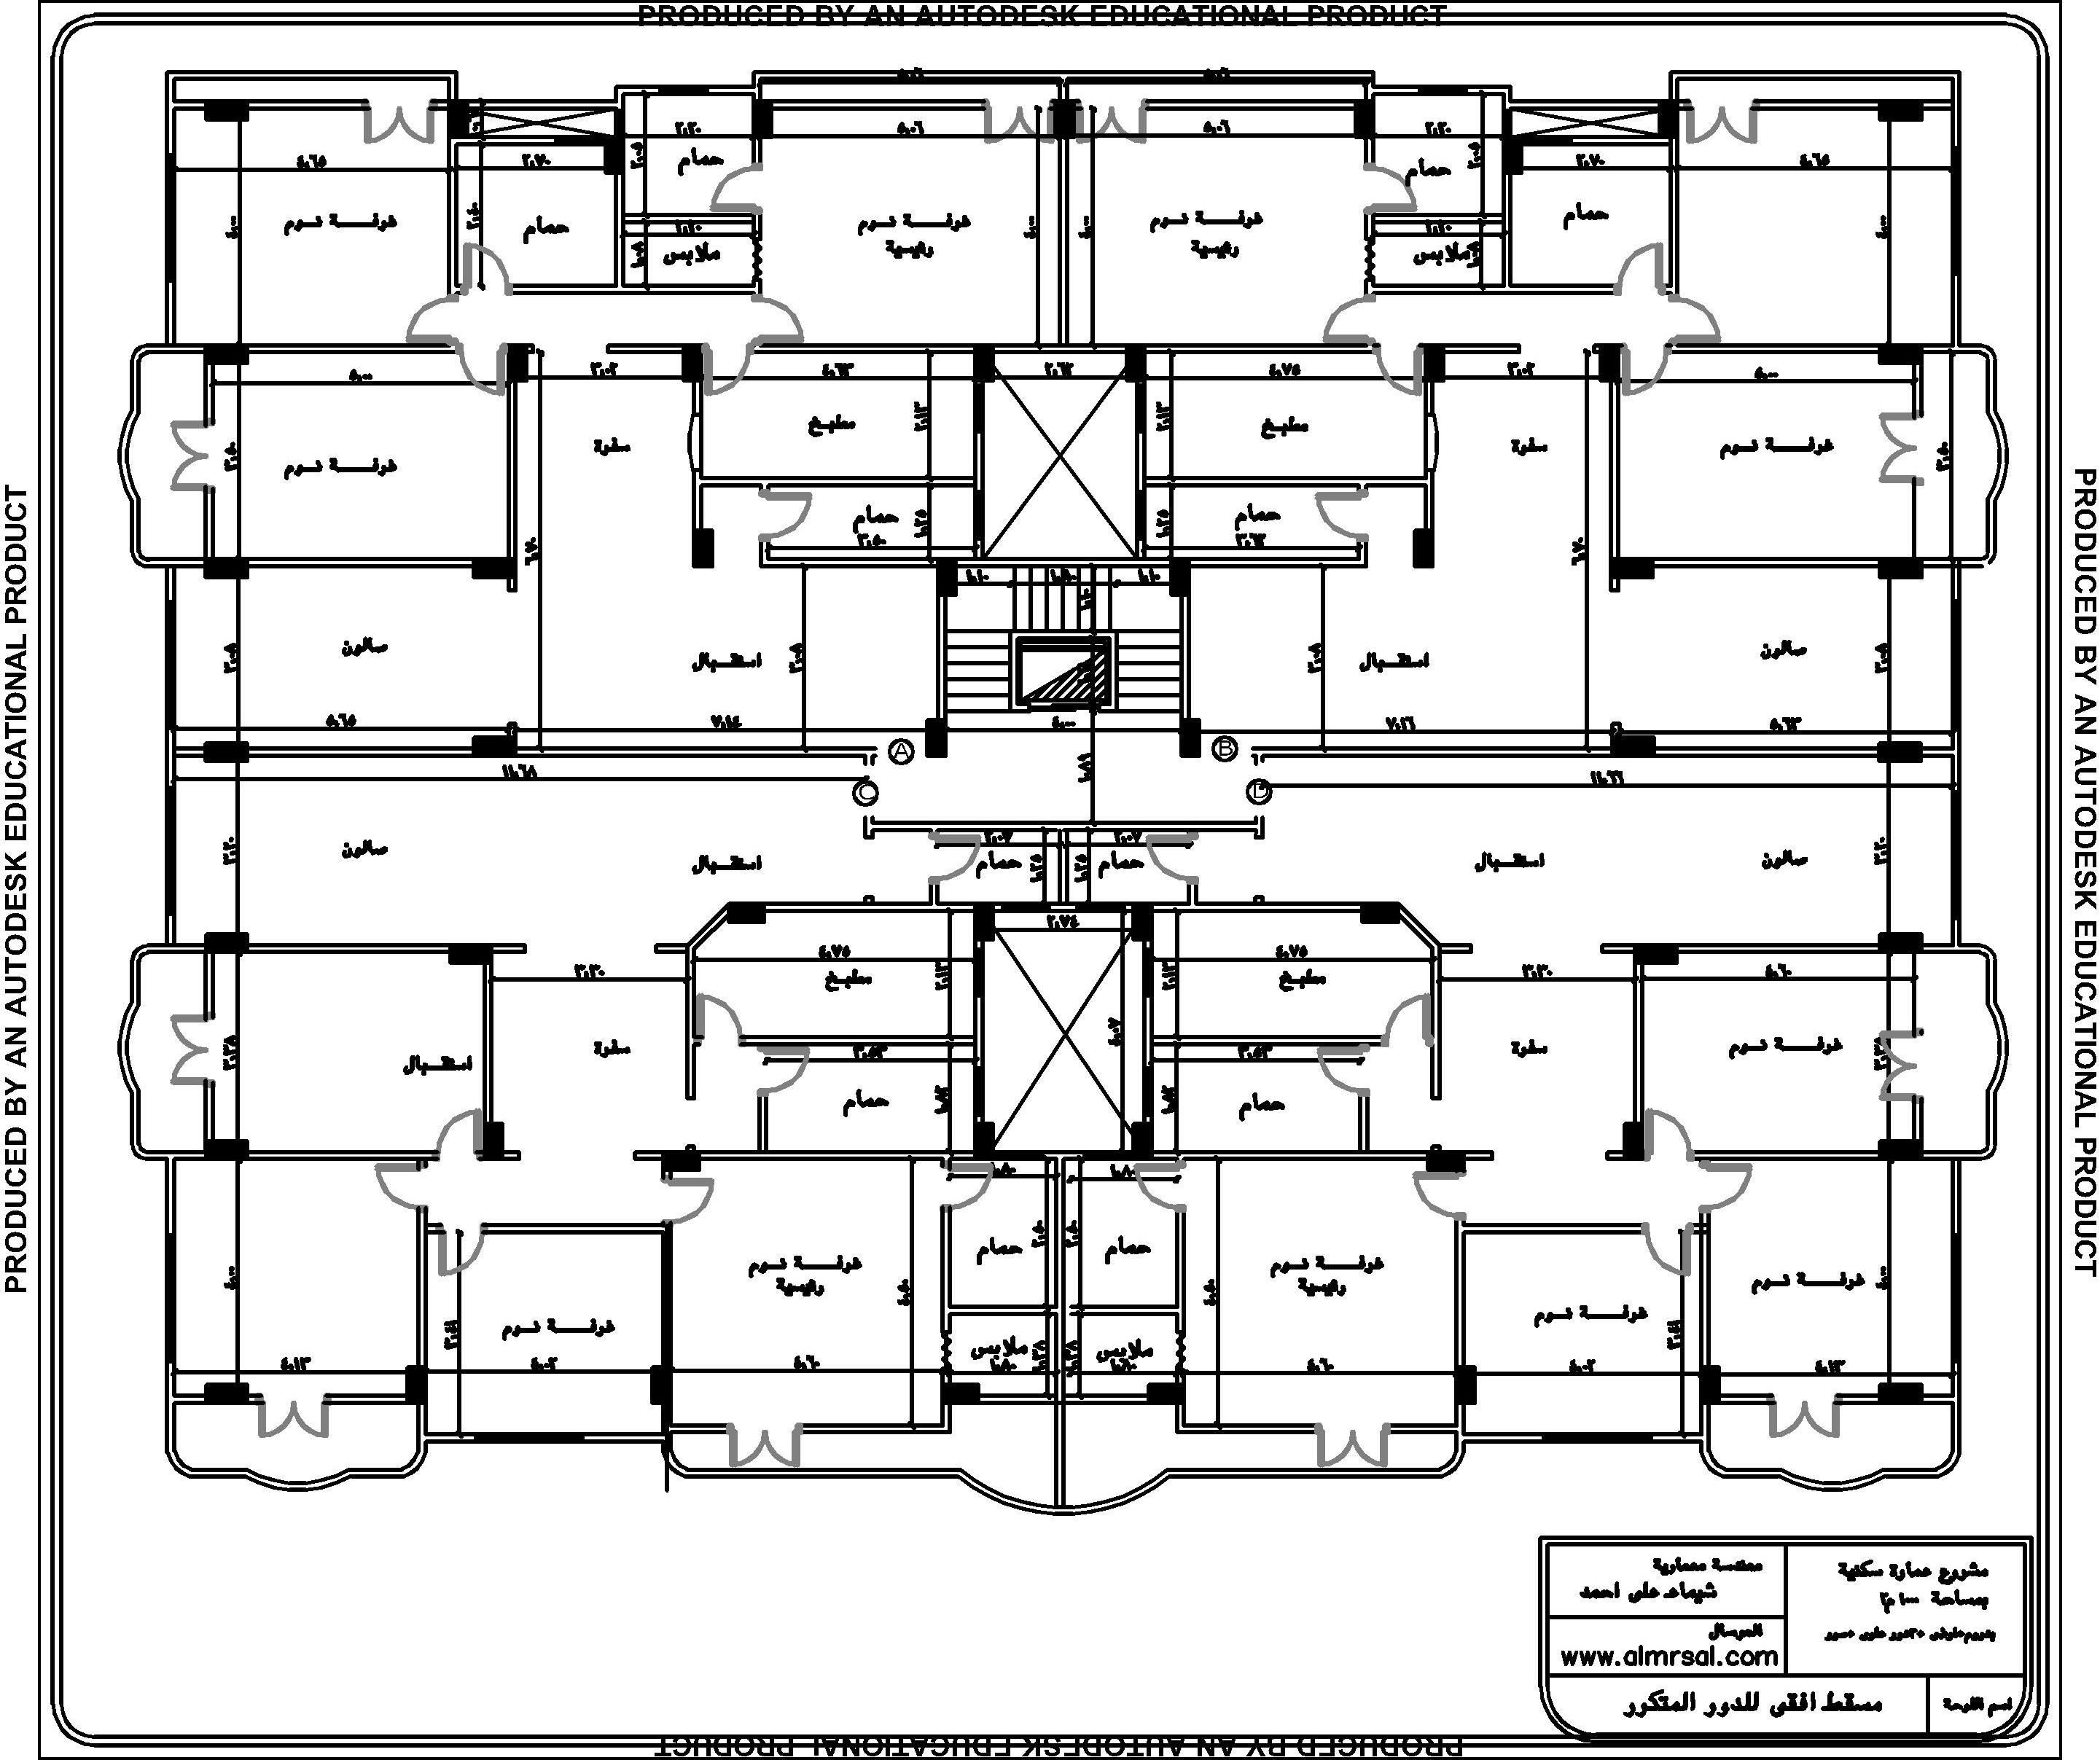 المسقط الافقي للدزر المتكرر لعمارة سكنية 1000م2